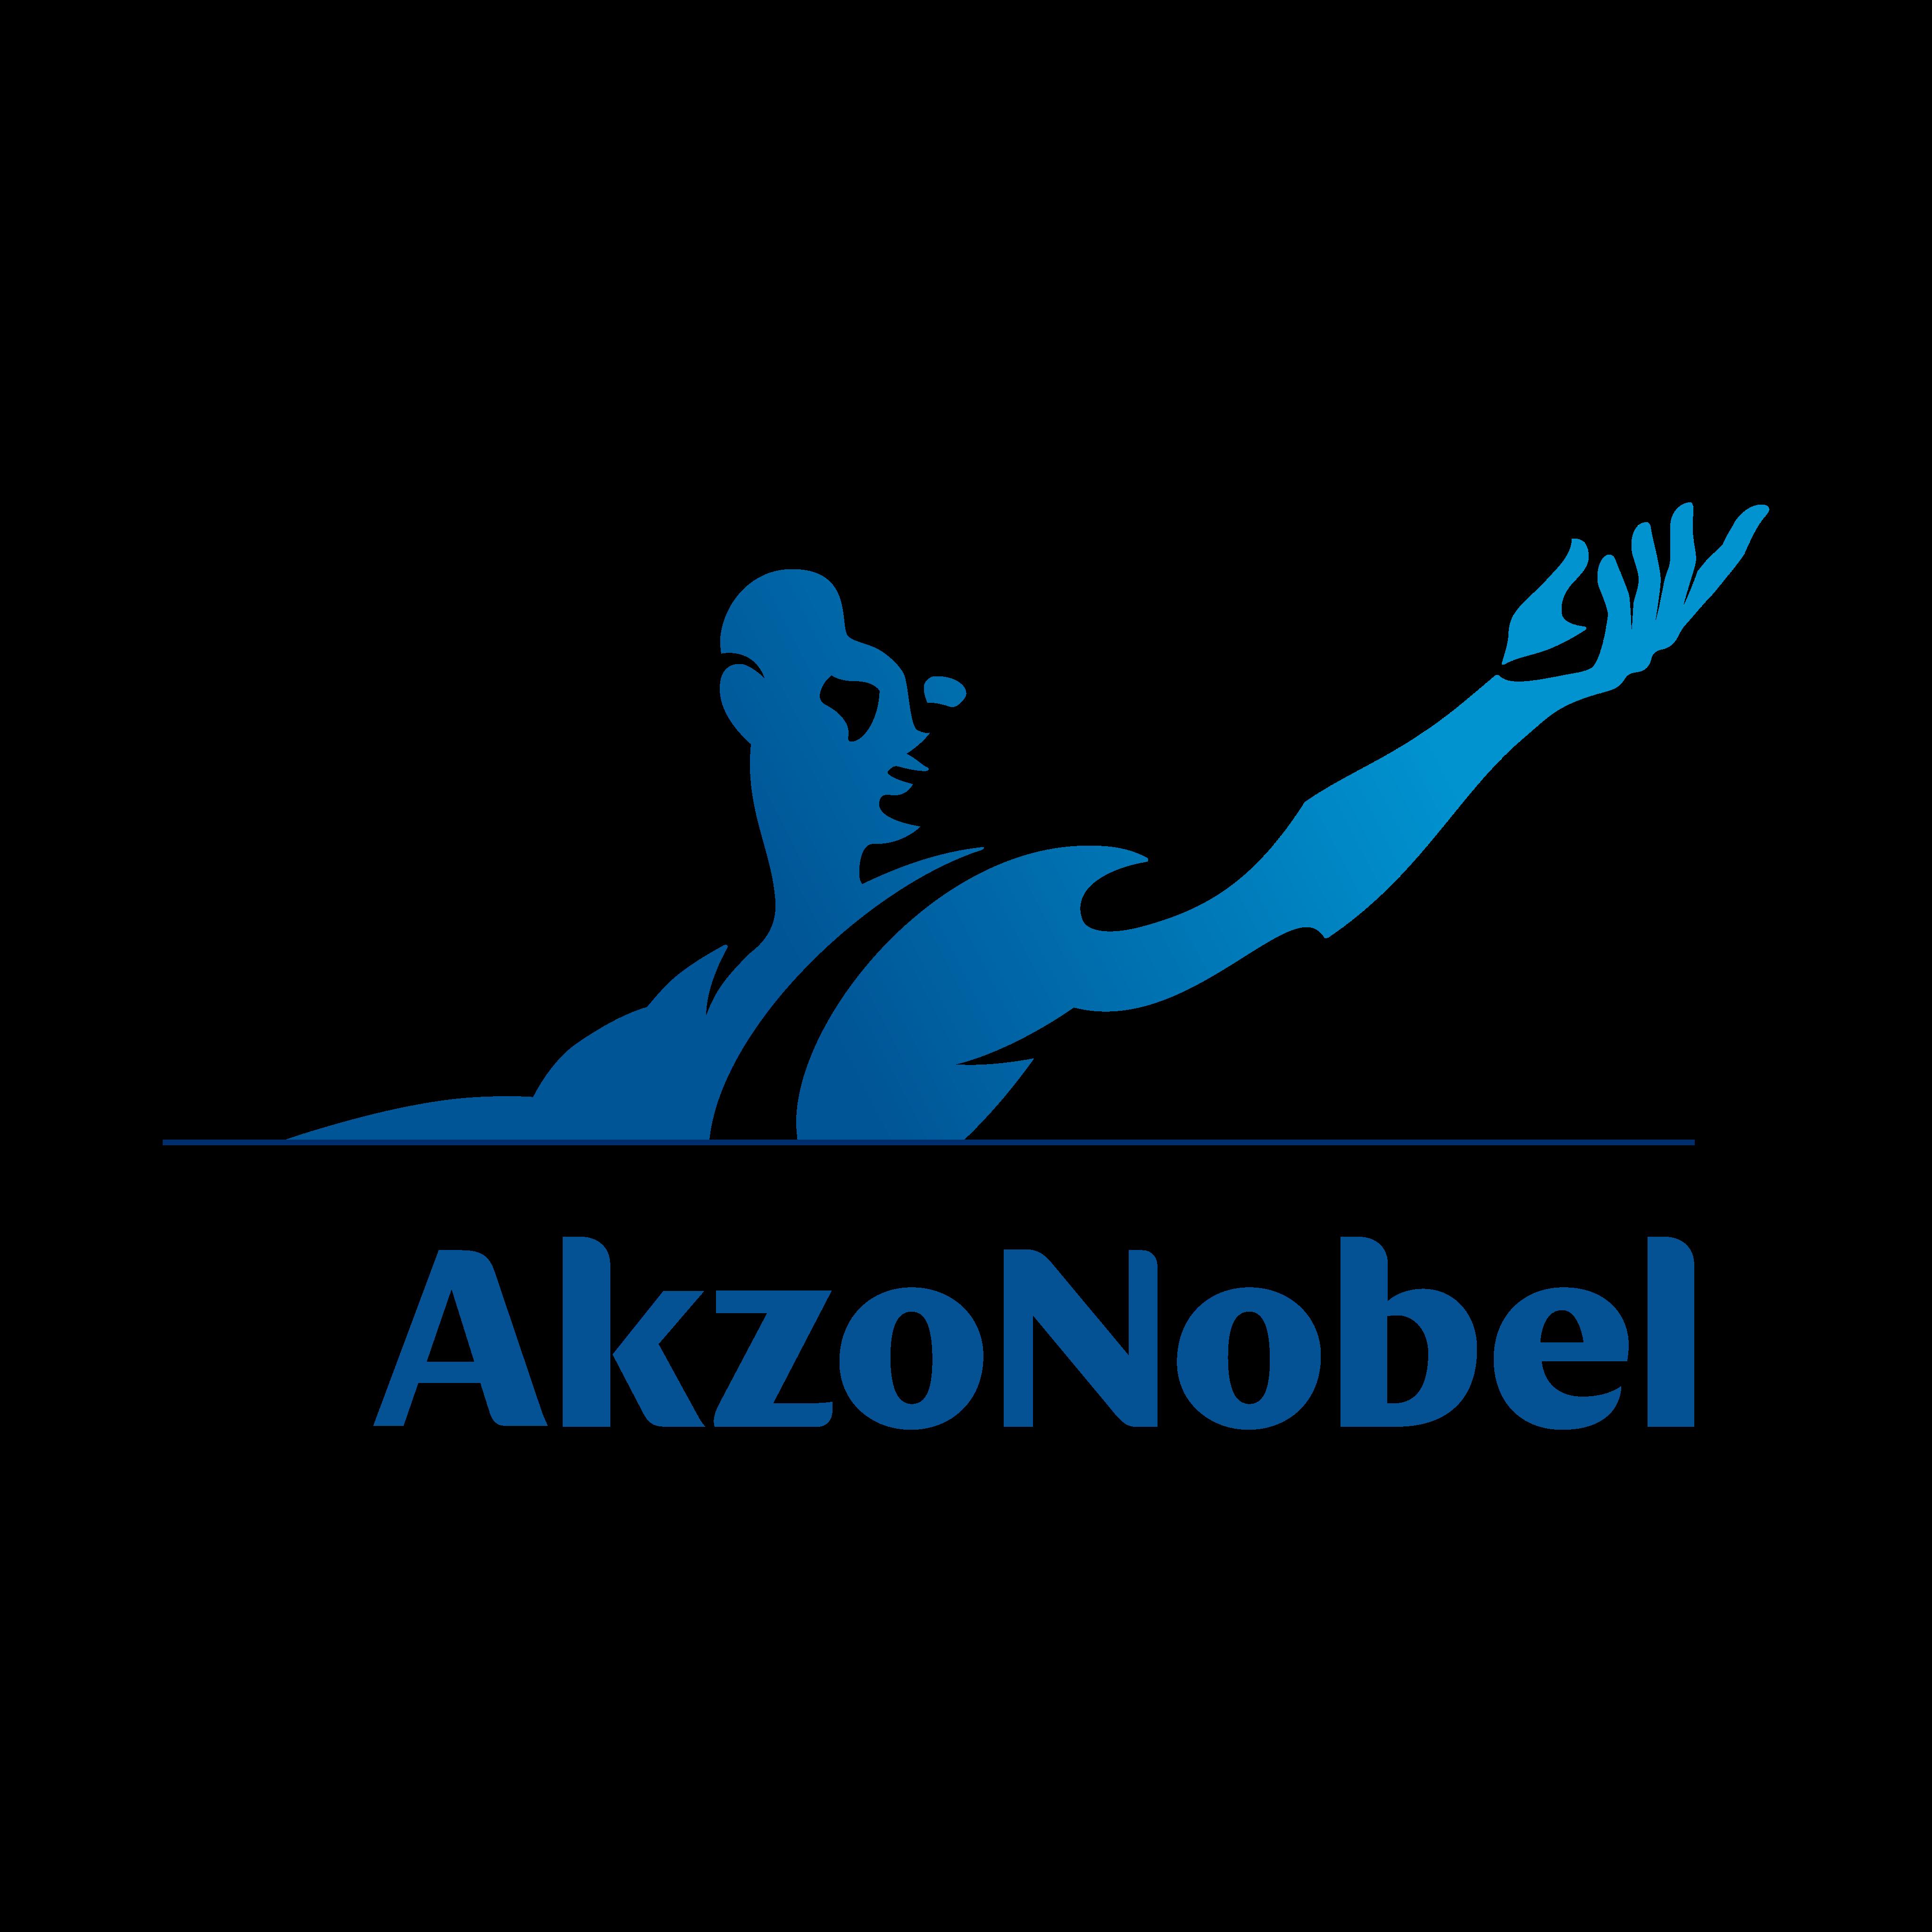 AkzoNobel Logo PNG.